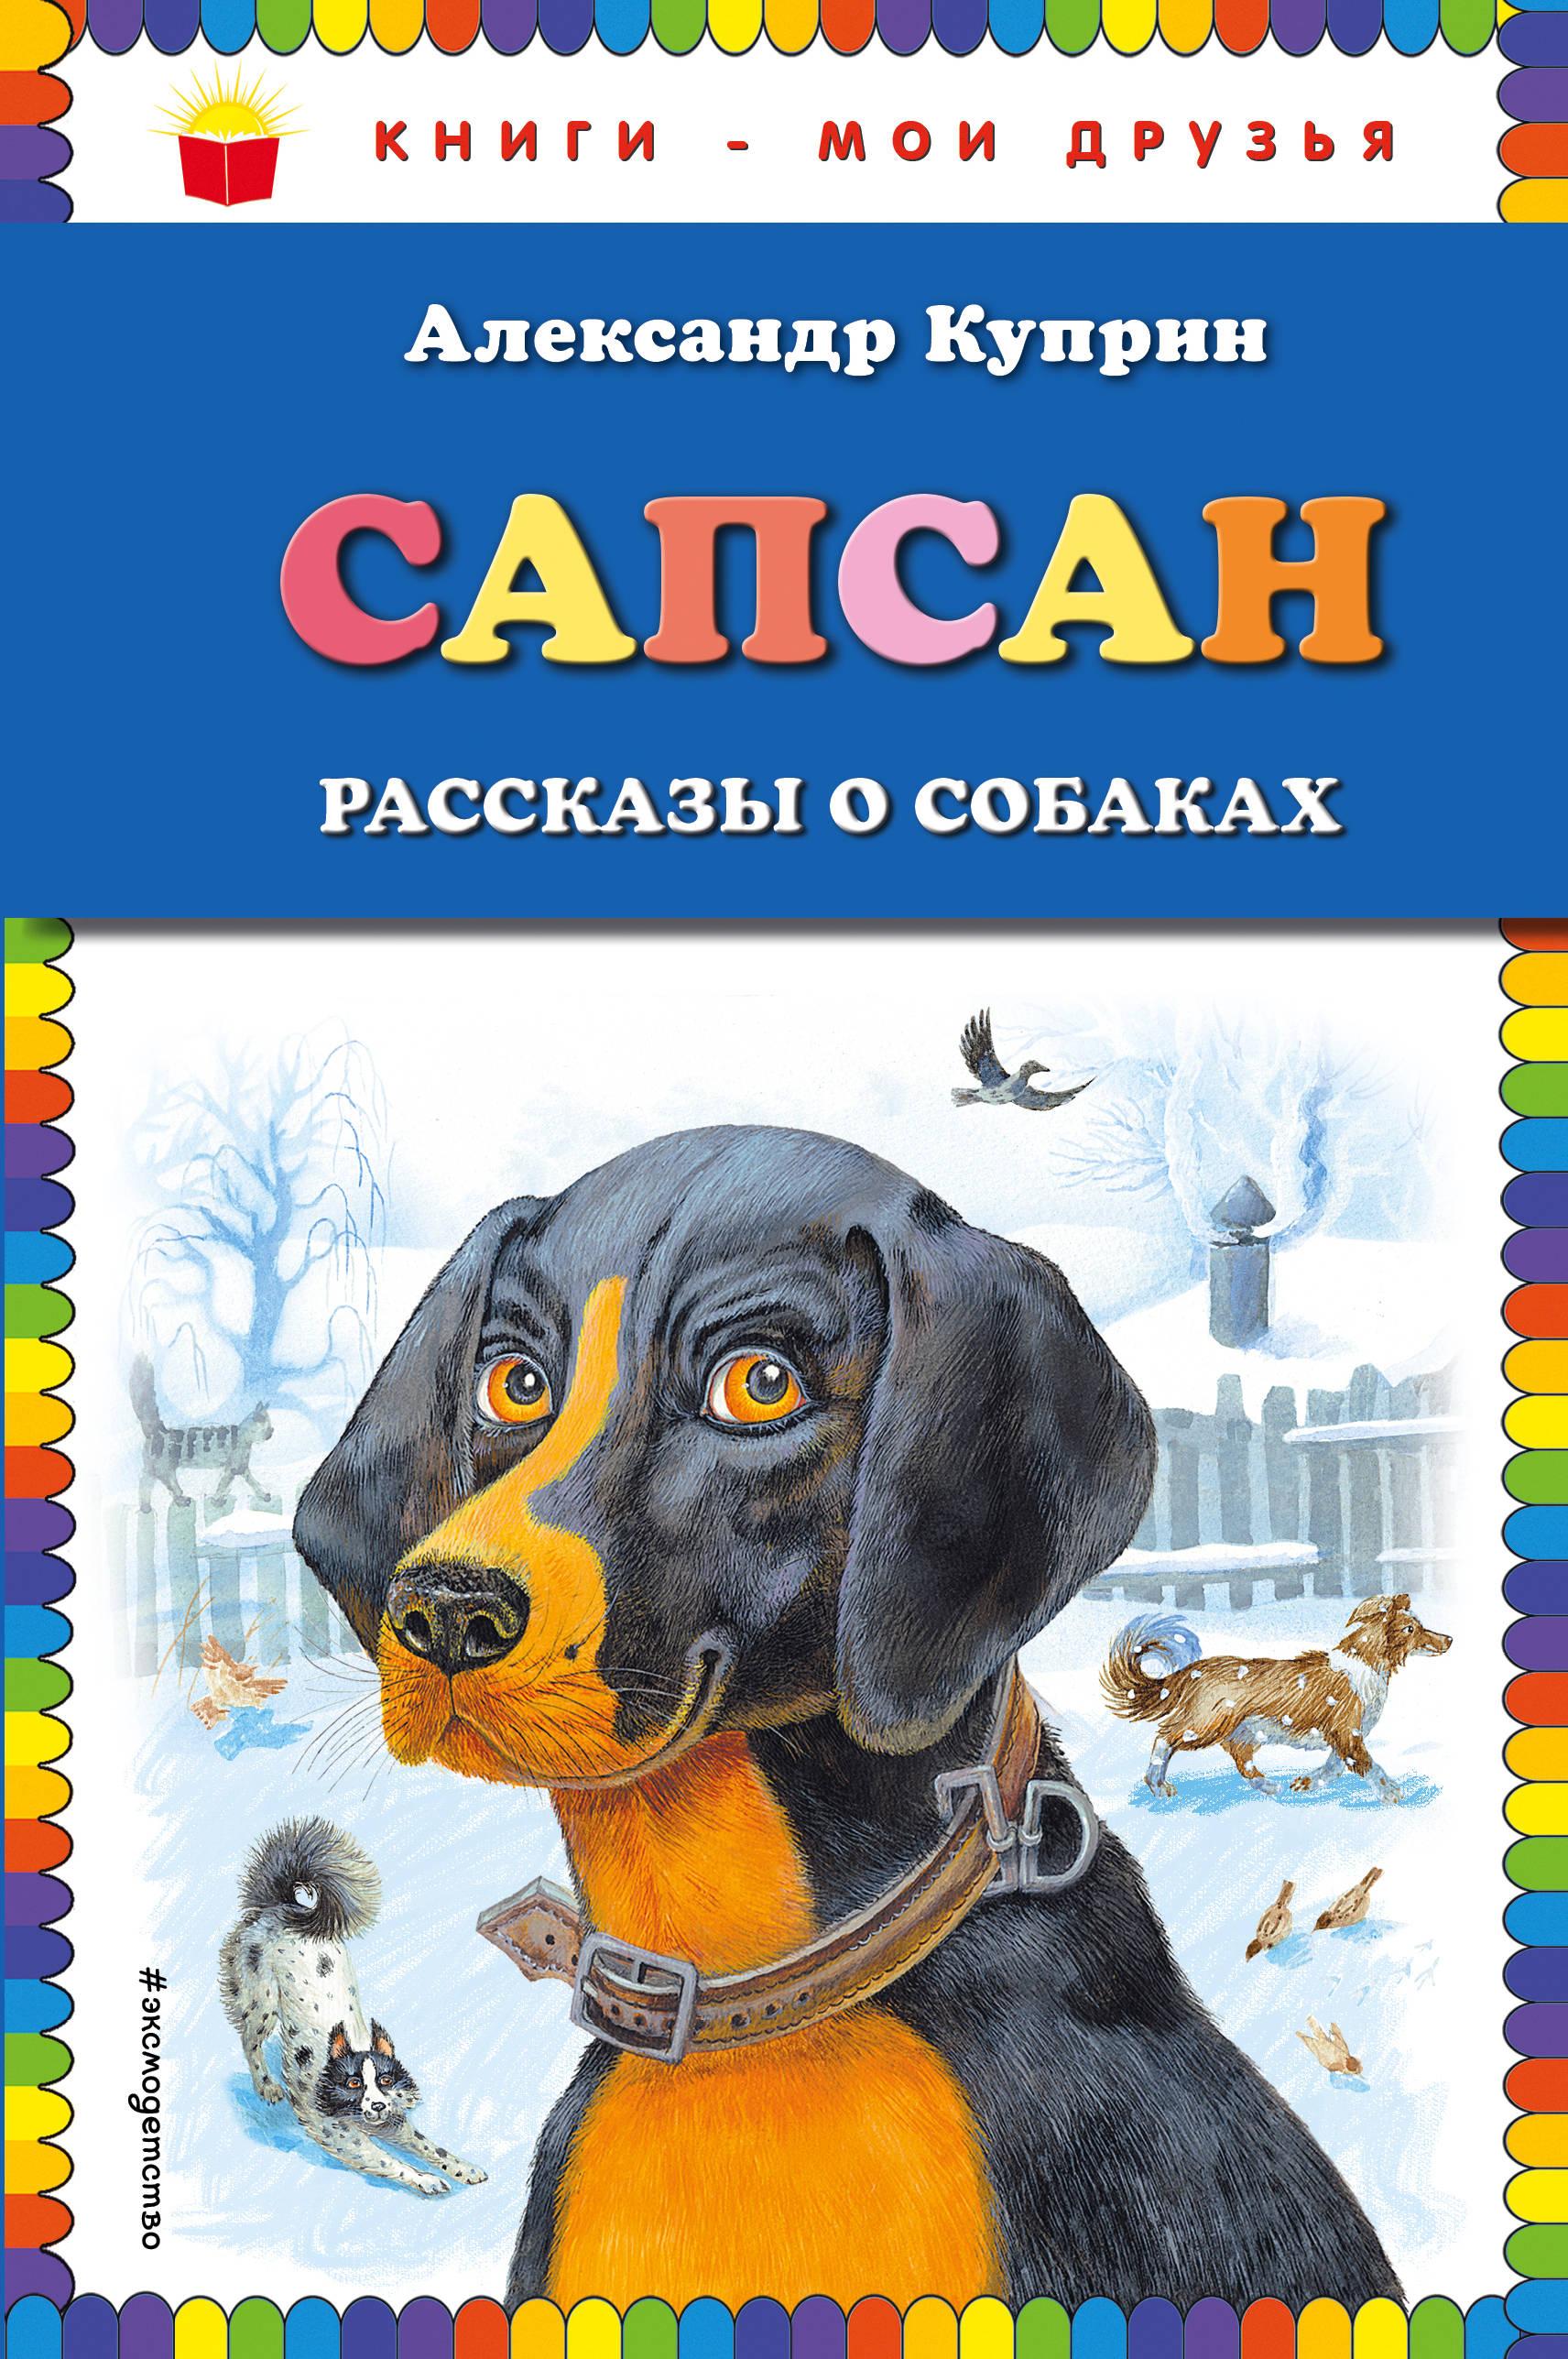 Сапсан: Рассказы о собаках